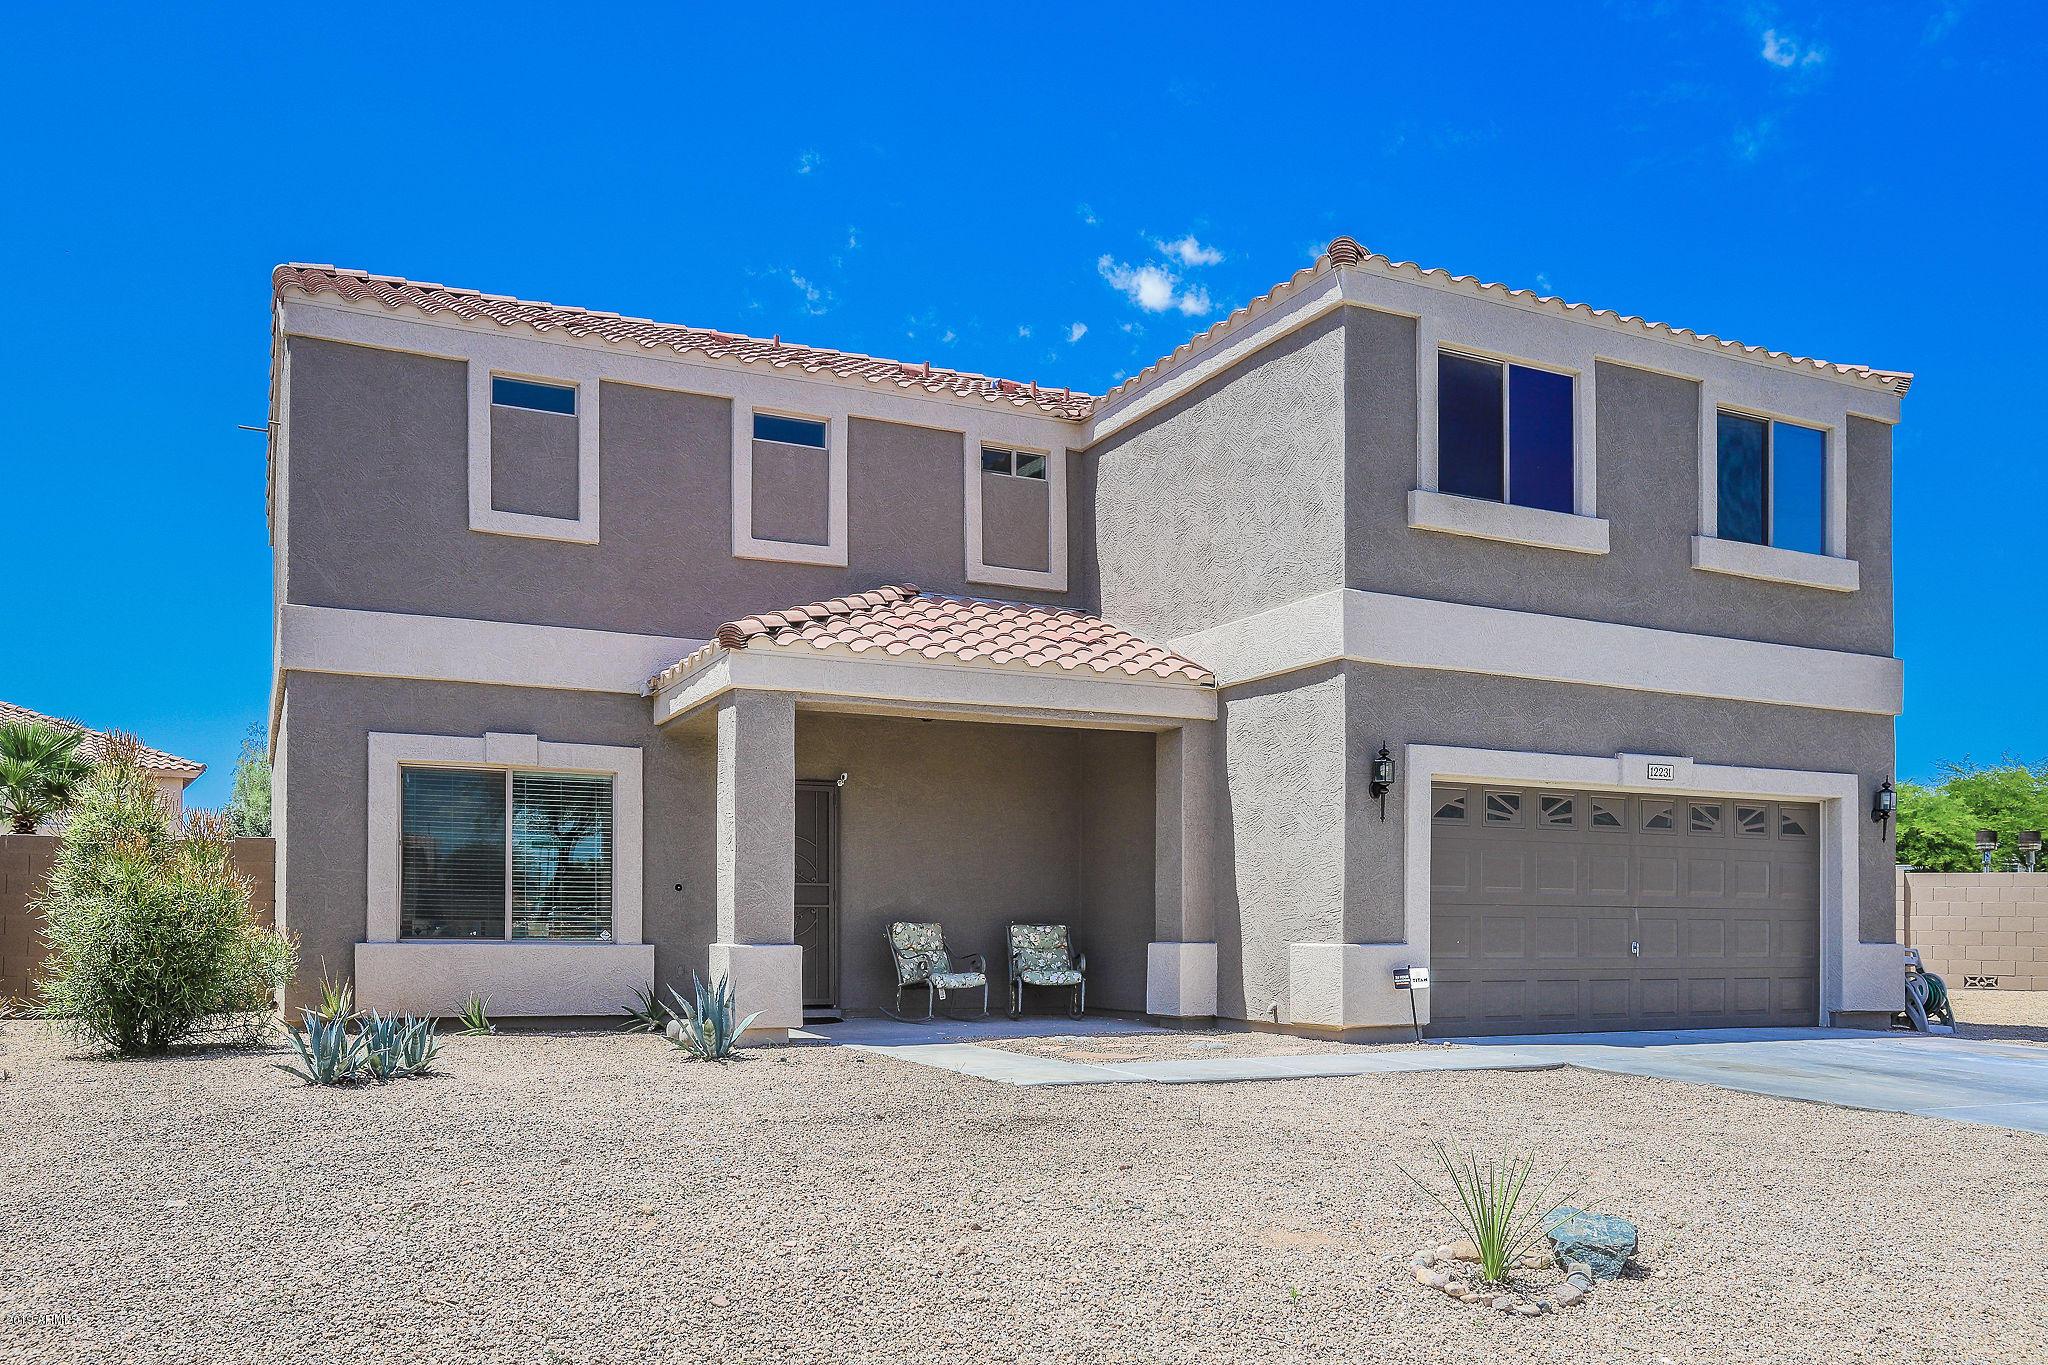 Photo of 12231 W DREYFUS Drive, El Mirage, AZ 85335